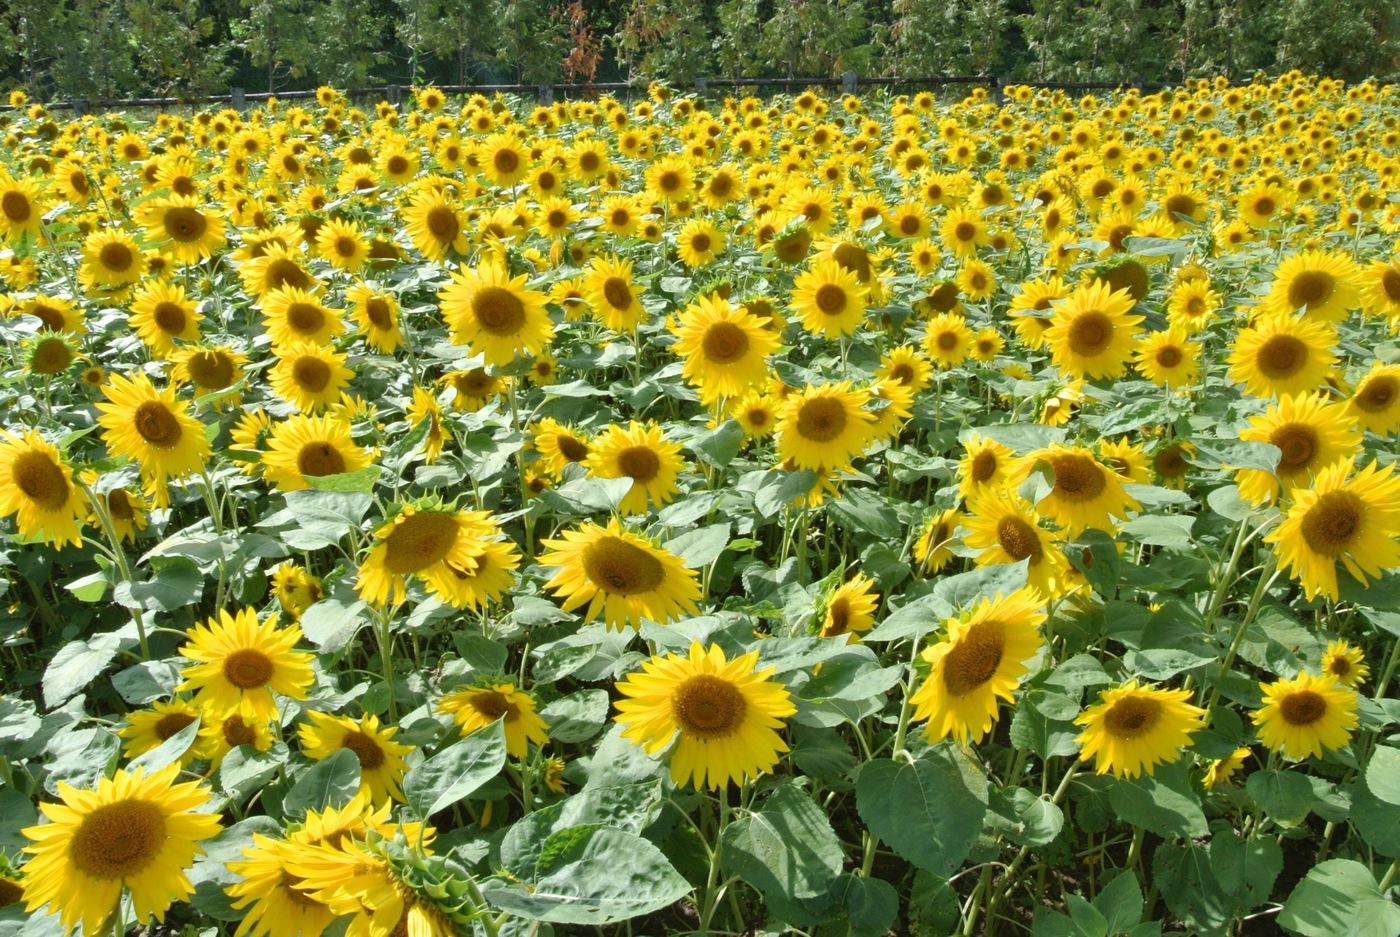 一度は訪れてみたい!北海道のおすすめ観光スポット♡の11枚目の画像の画像